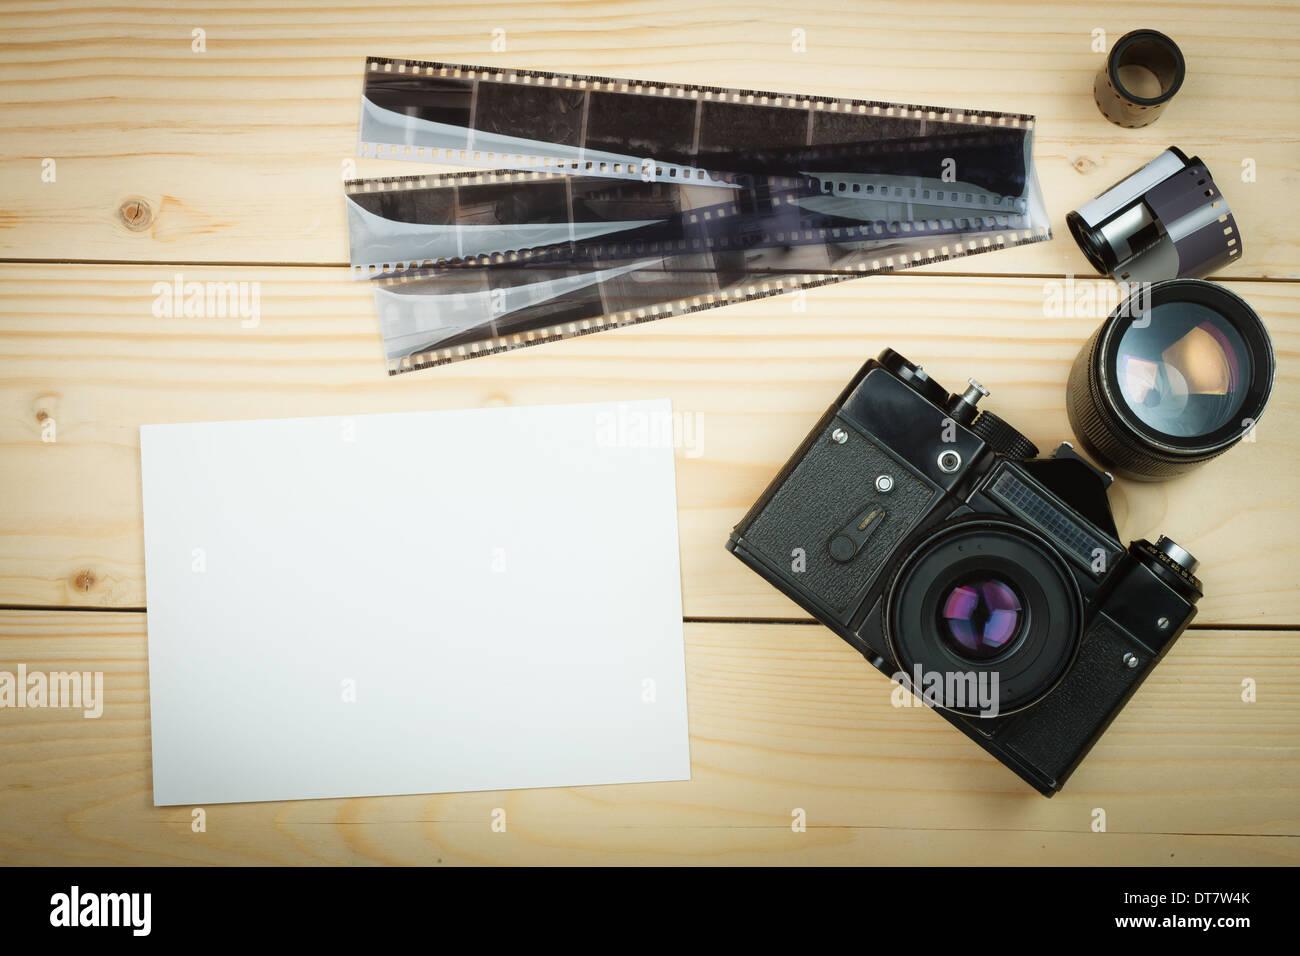 Ancien appareil photo rétro et le rouleau de film sur les planches de bois. Banque D'Images